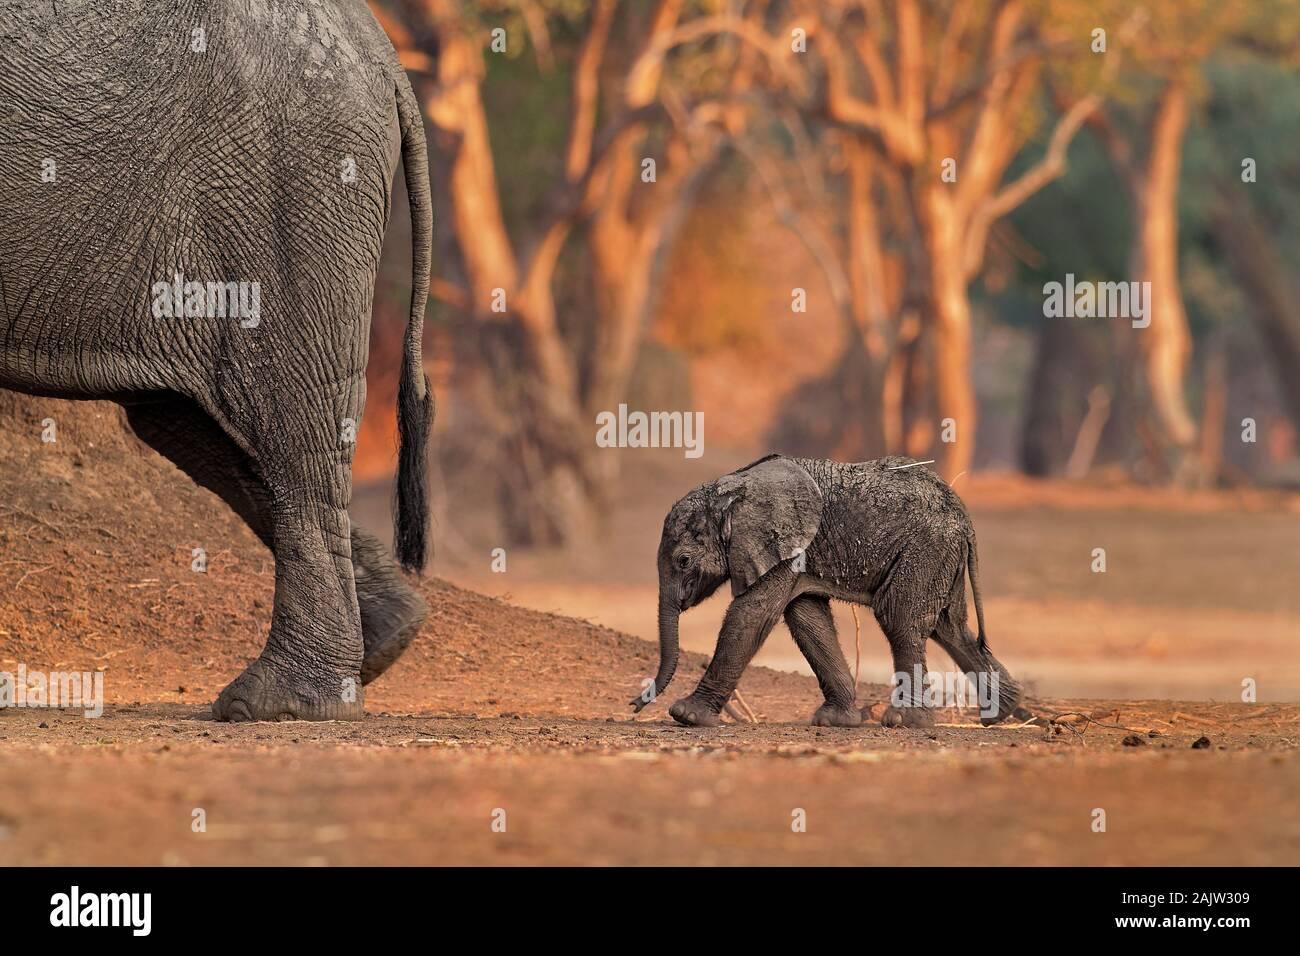 Bush africain Elephant - Loxodonta africana petit bébé éléphant avec sa mère, boire, sucer le lait, marcher et manger les feuilles en Mana Pools dans Zim Banque D'Images